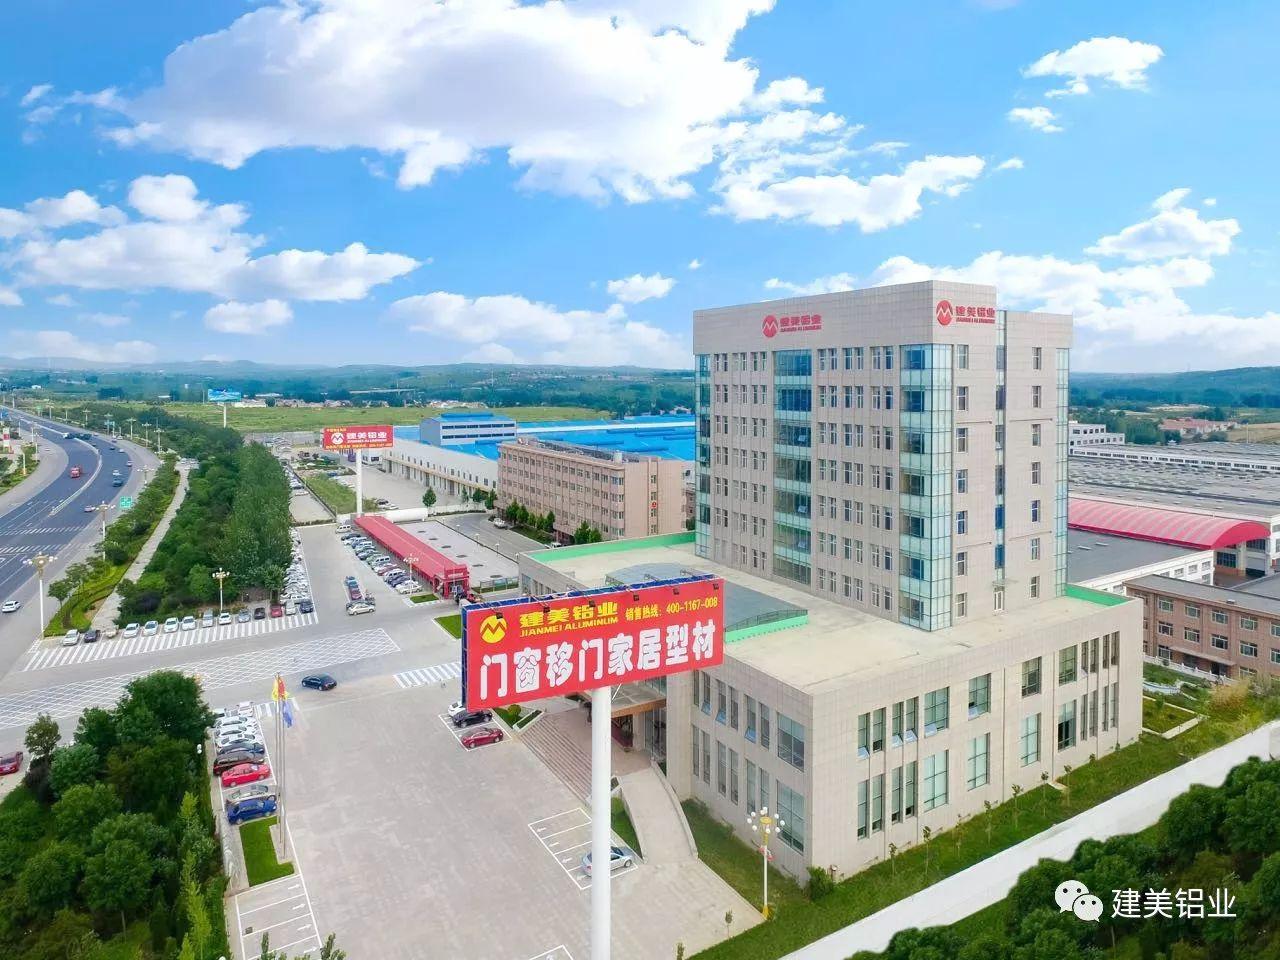 荣誉丨热烈祝贺山东建美铝业有限公司荣获中国铝材行业20强